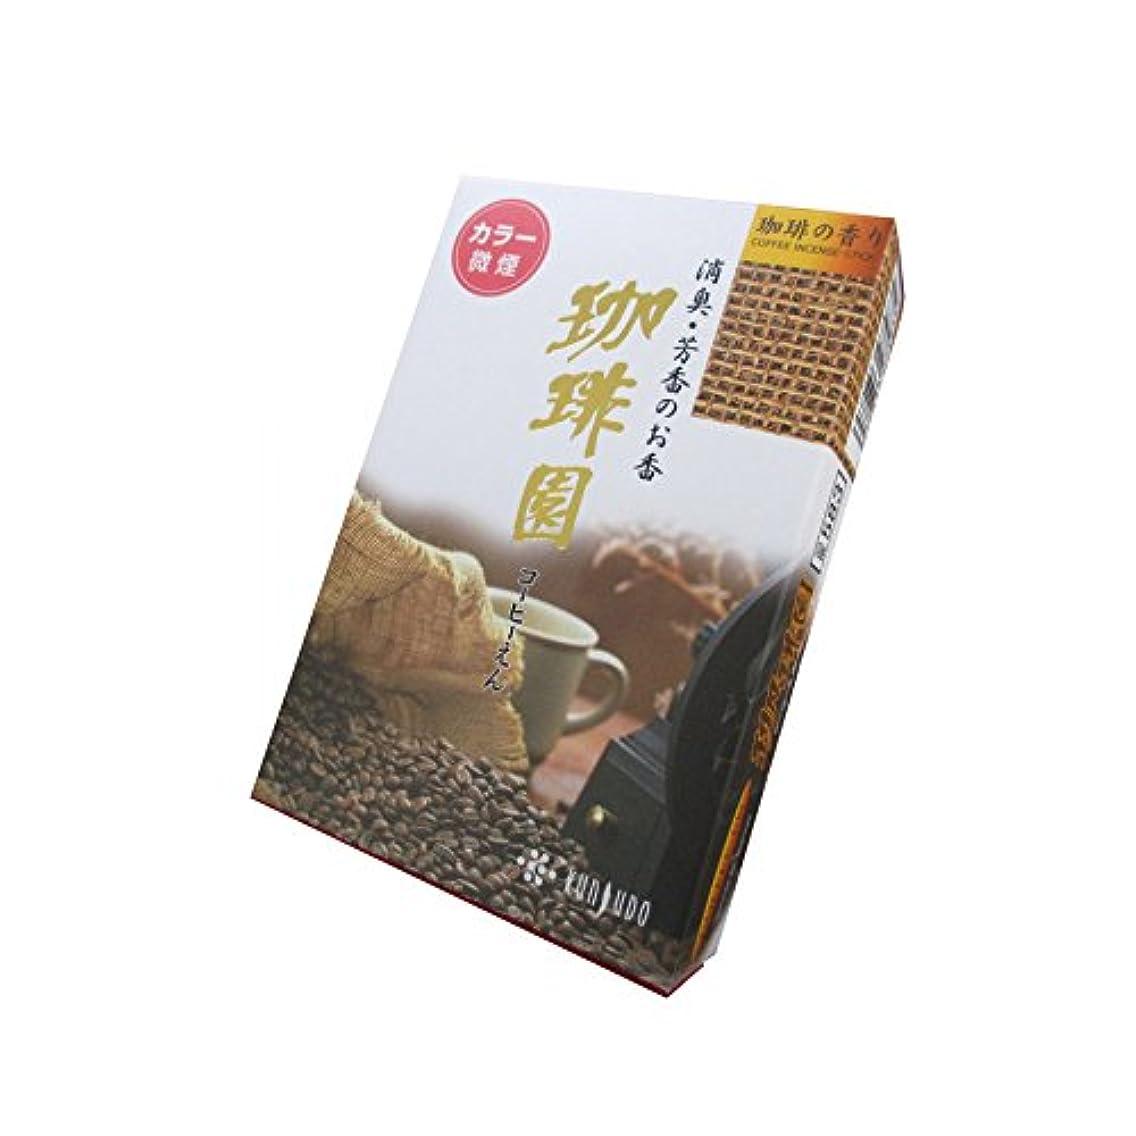 一定内部影響を受けやすいです薫寿堂のお線香 珈琲園 微煙 ミニ寸 #583